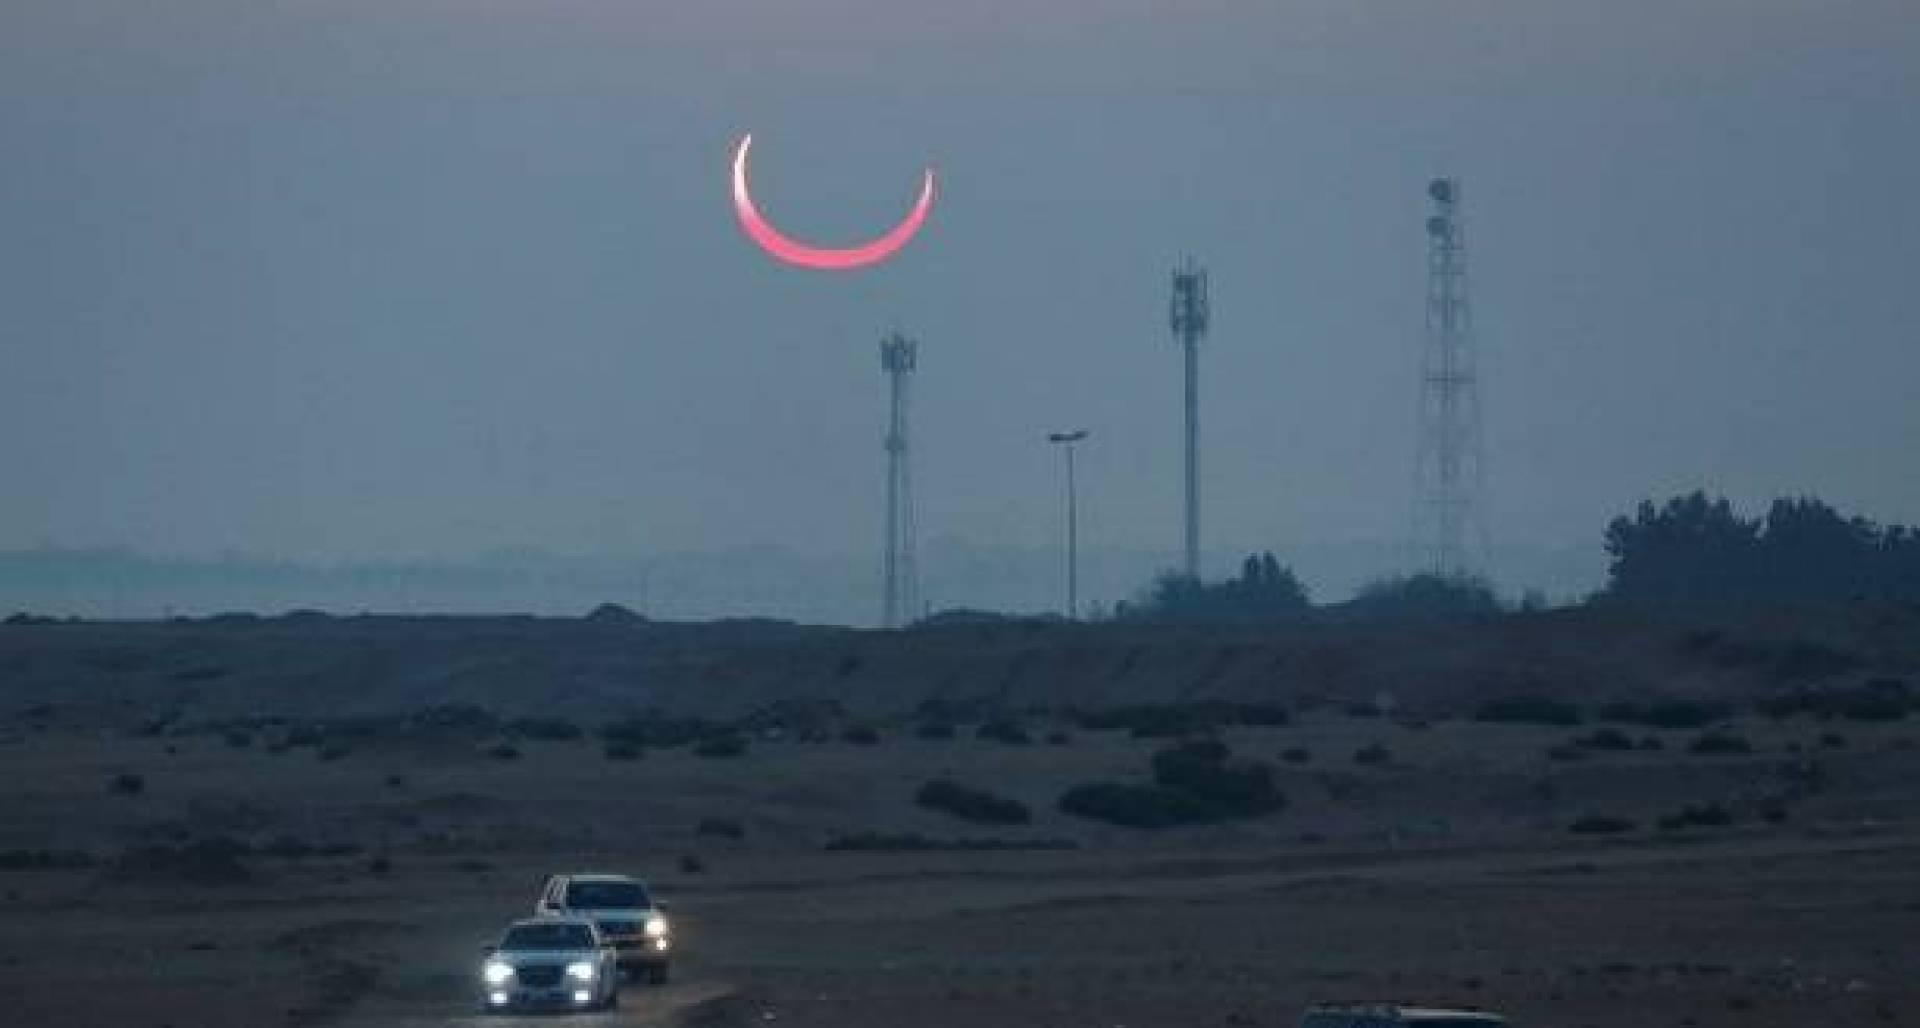 صورة لكسوف الشمس التقطتها عدسة «الجزيرة - الخليج»